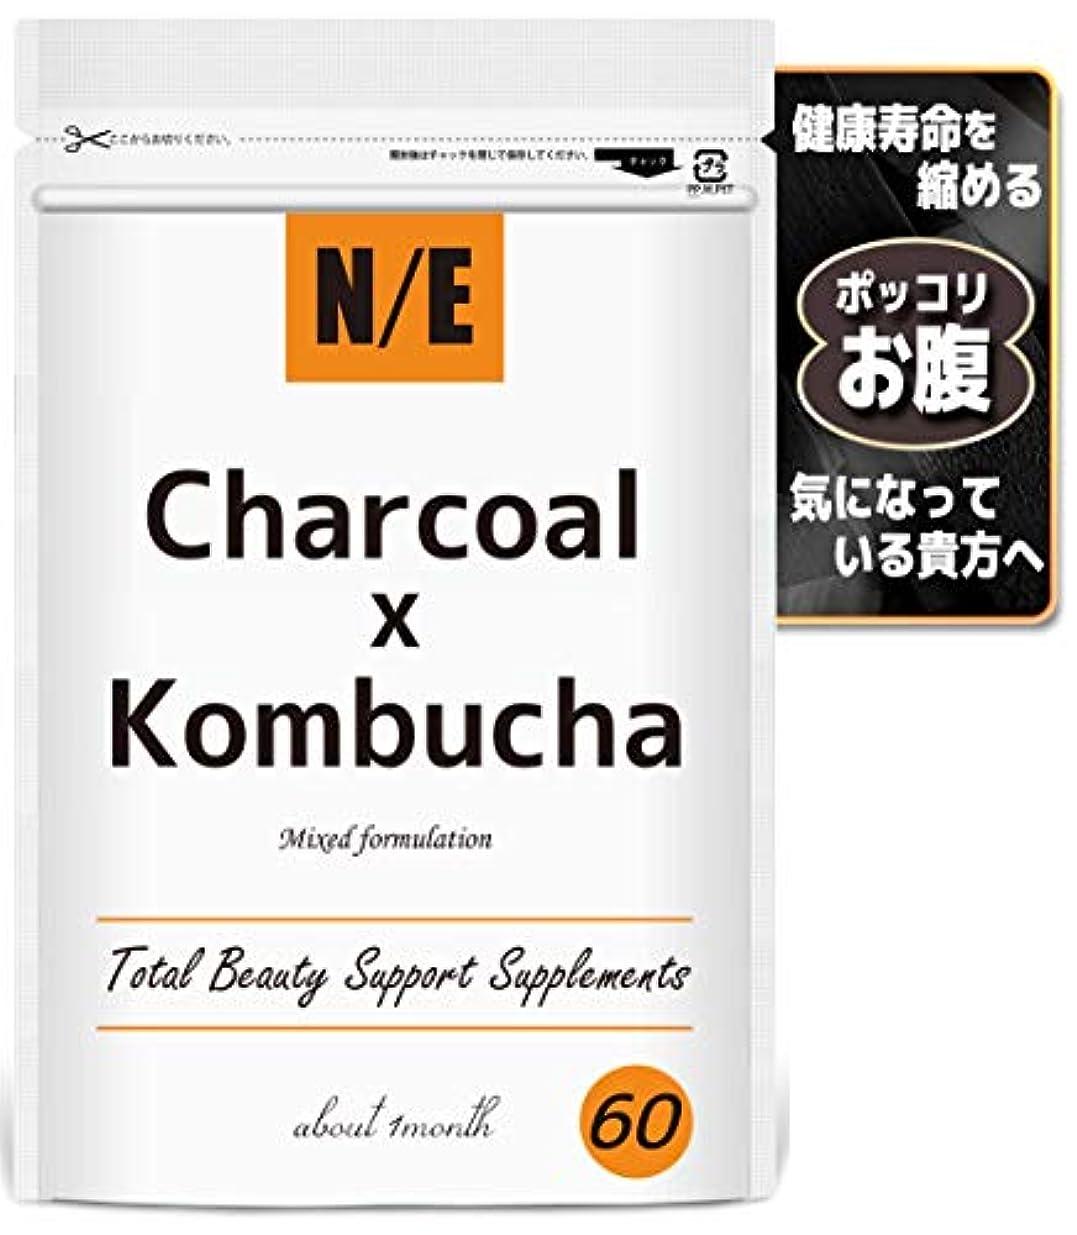 水星食堂人物Charcoal&Kombucha 炭 コンブチャ チャコール クレンズ ダイエット サプリメント 【60粒約1ヶ月分】